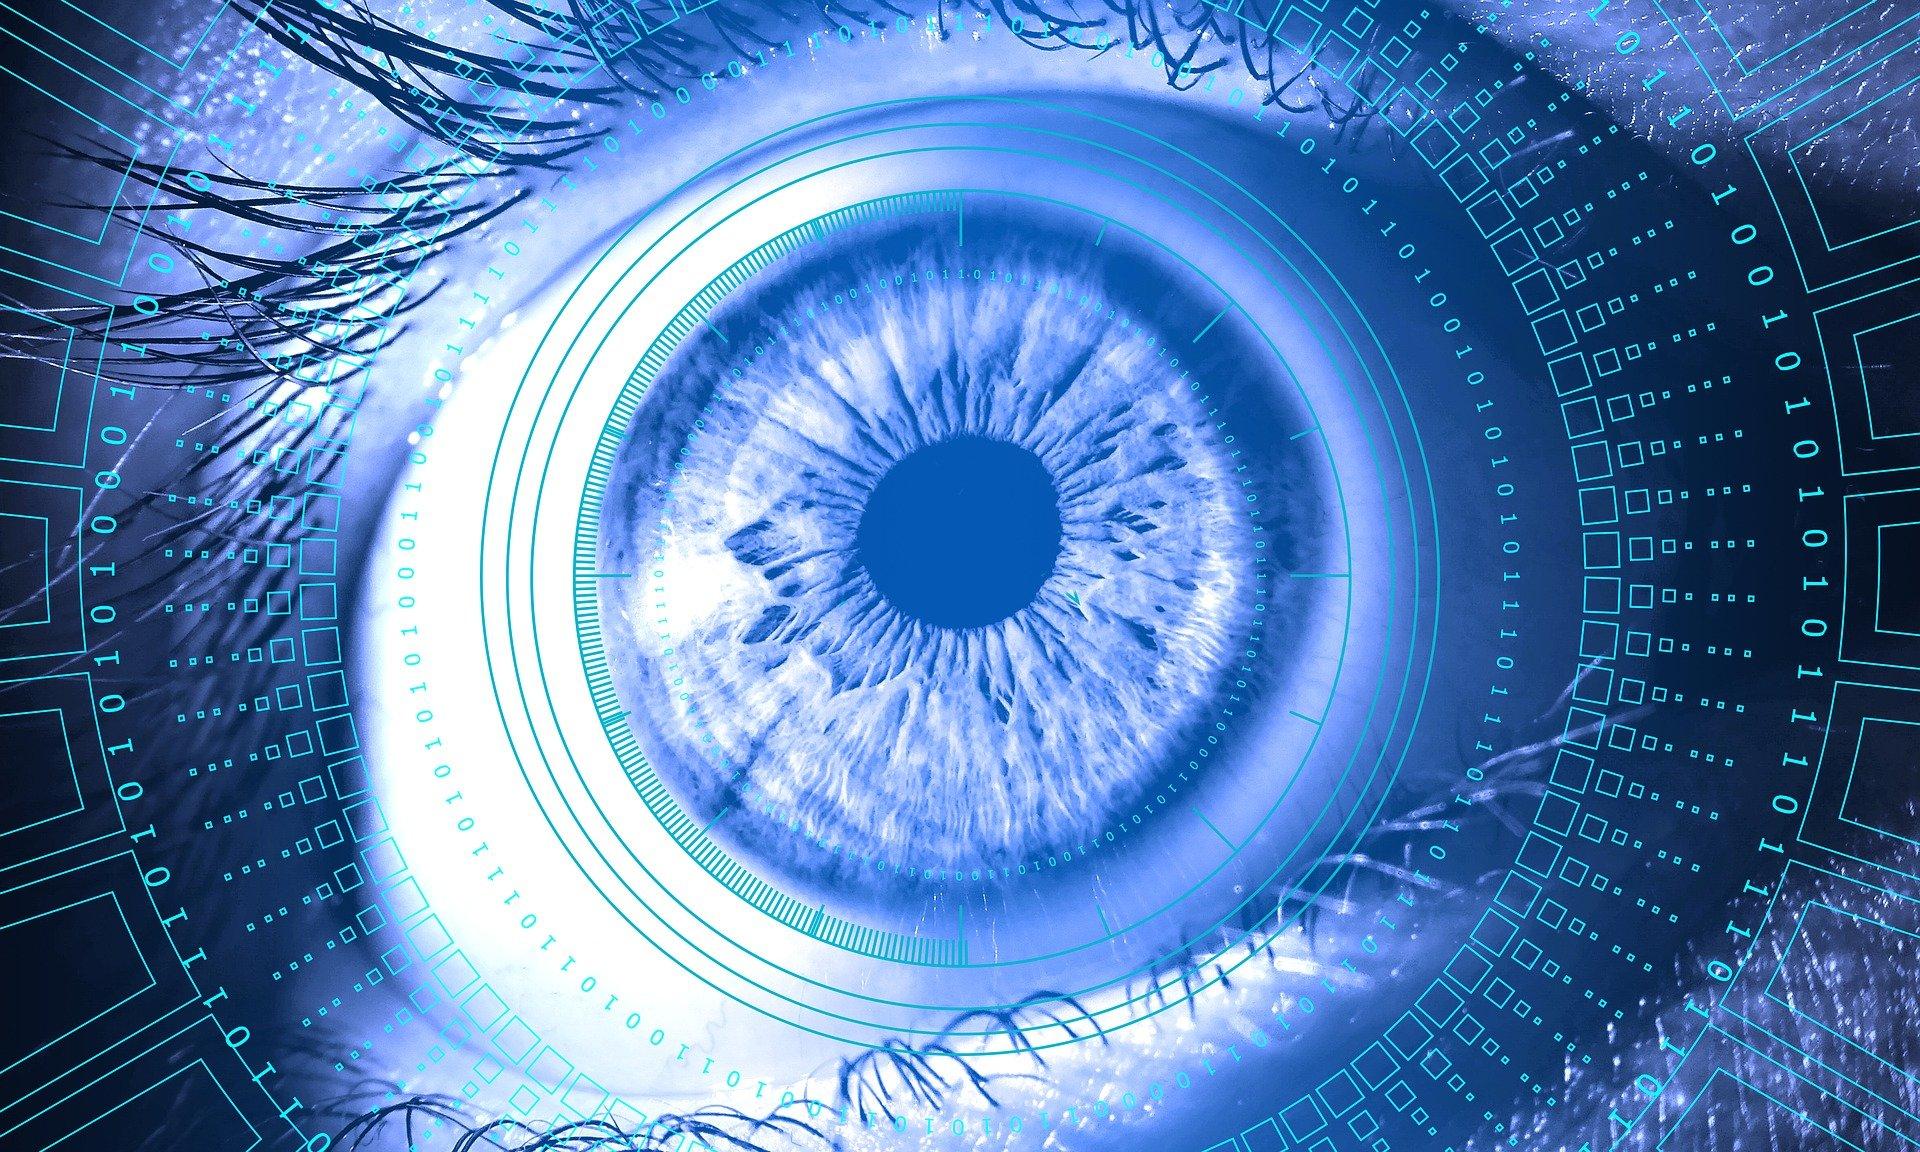 La seguridad de la información: perspectiva jurídica e informática